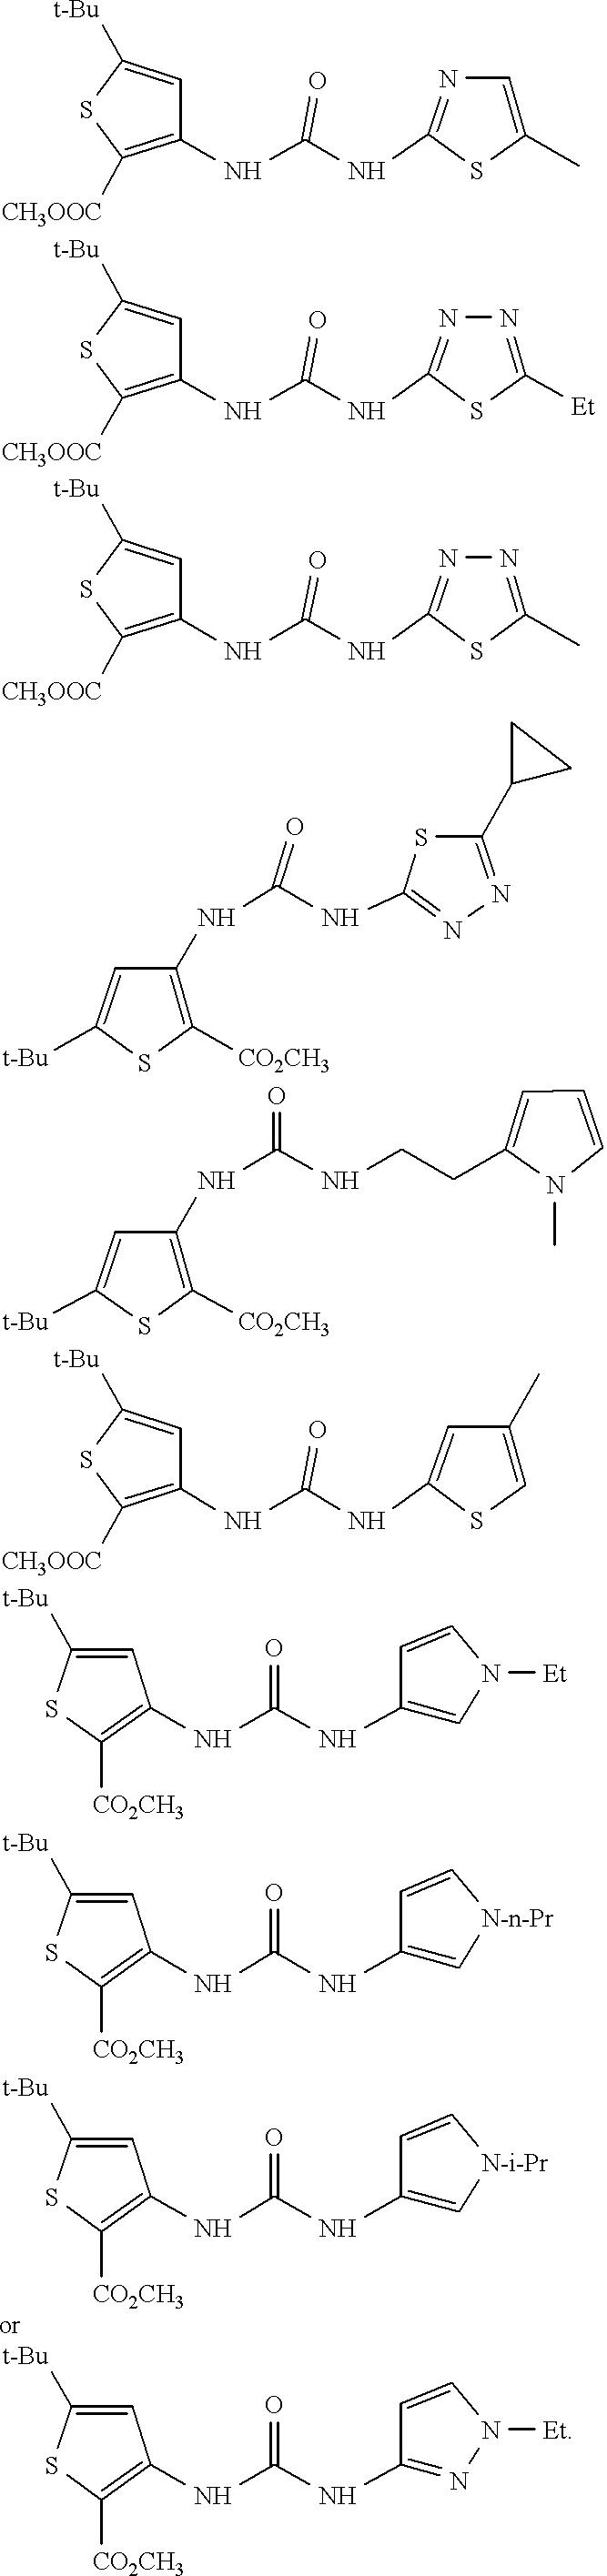 Figure US06187799-20010213-C00067